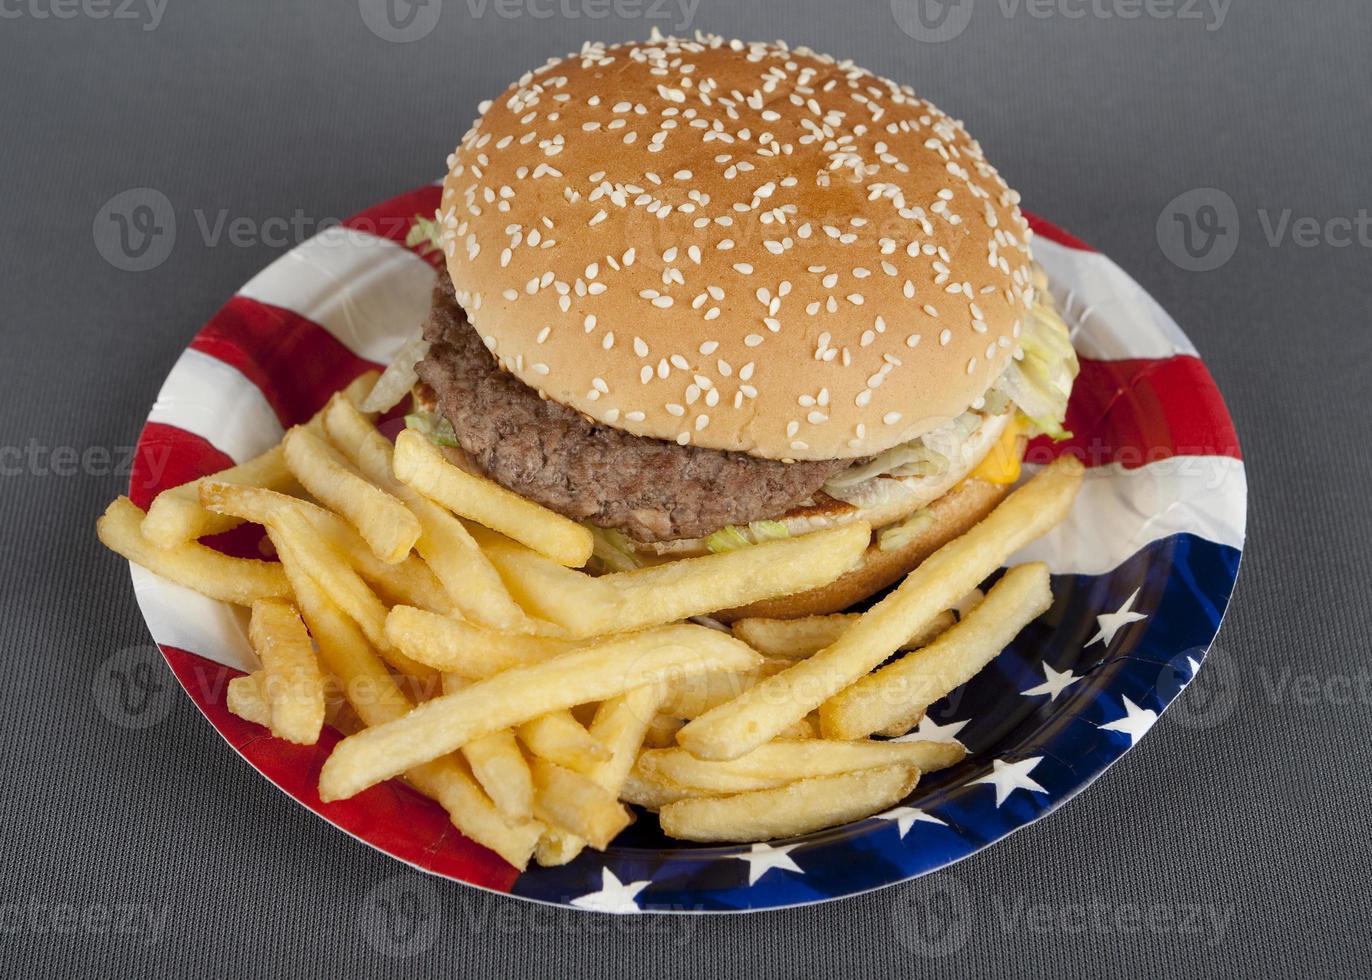 hamburguesa en plato de papel estilo americano foto